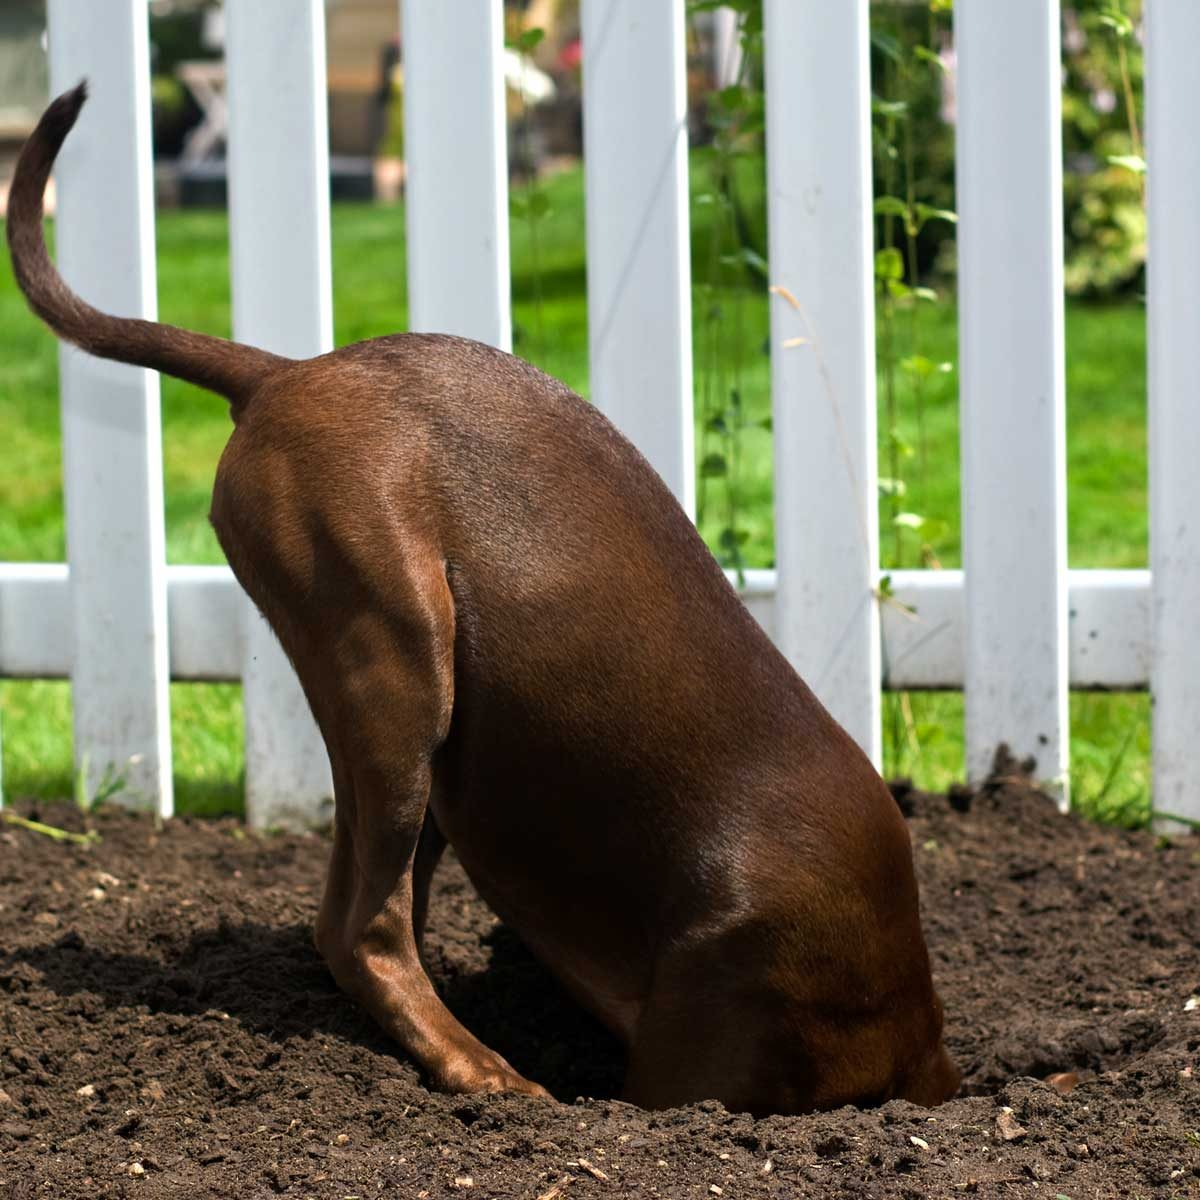 Dog digging under a fence